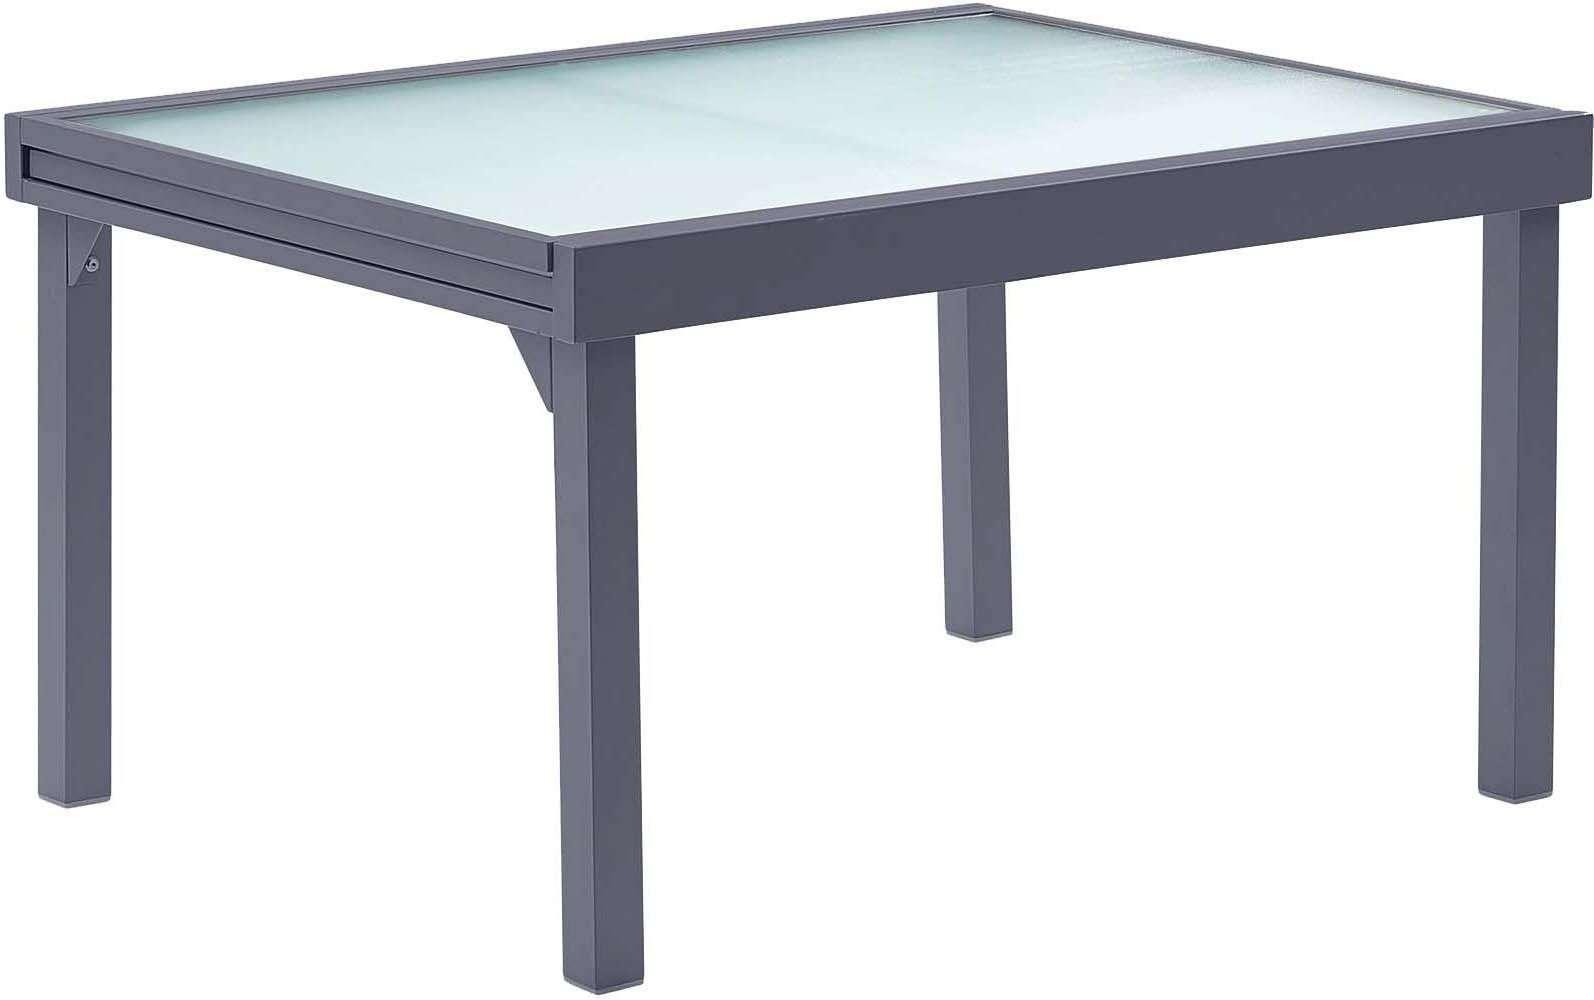 Table Jardin Modulo 6 À 10 Personnes Gris destiné Table Jardin 6 Personnes